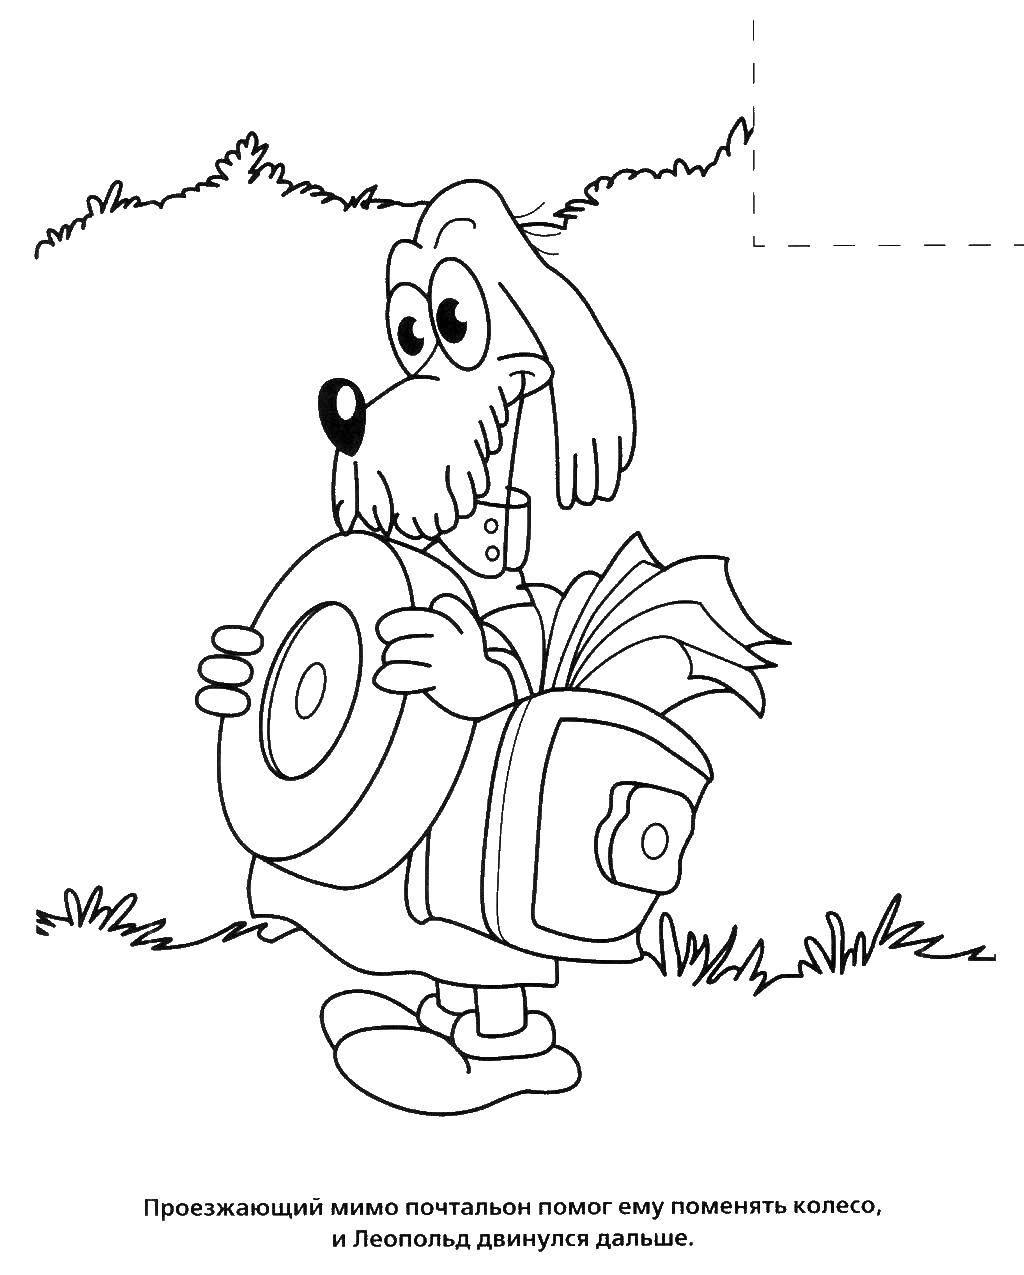 Название: Раскраска Почтальон с колесом. Категория: раскраски кот леопольд. Теги: кот леопольд.